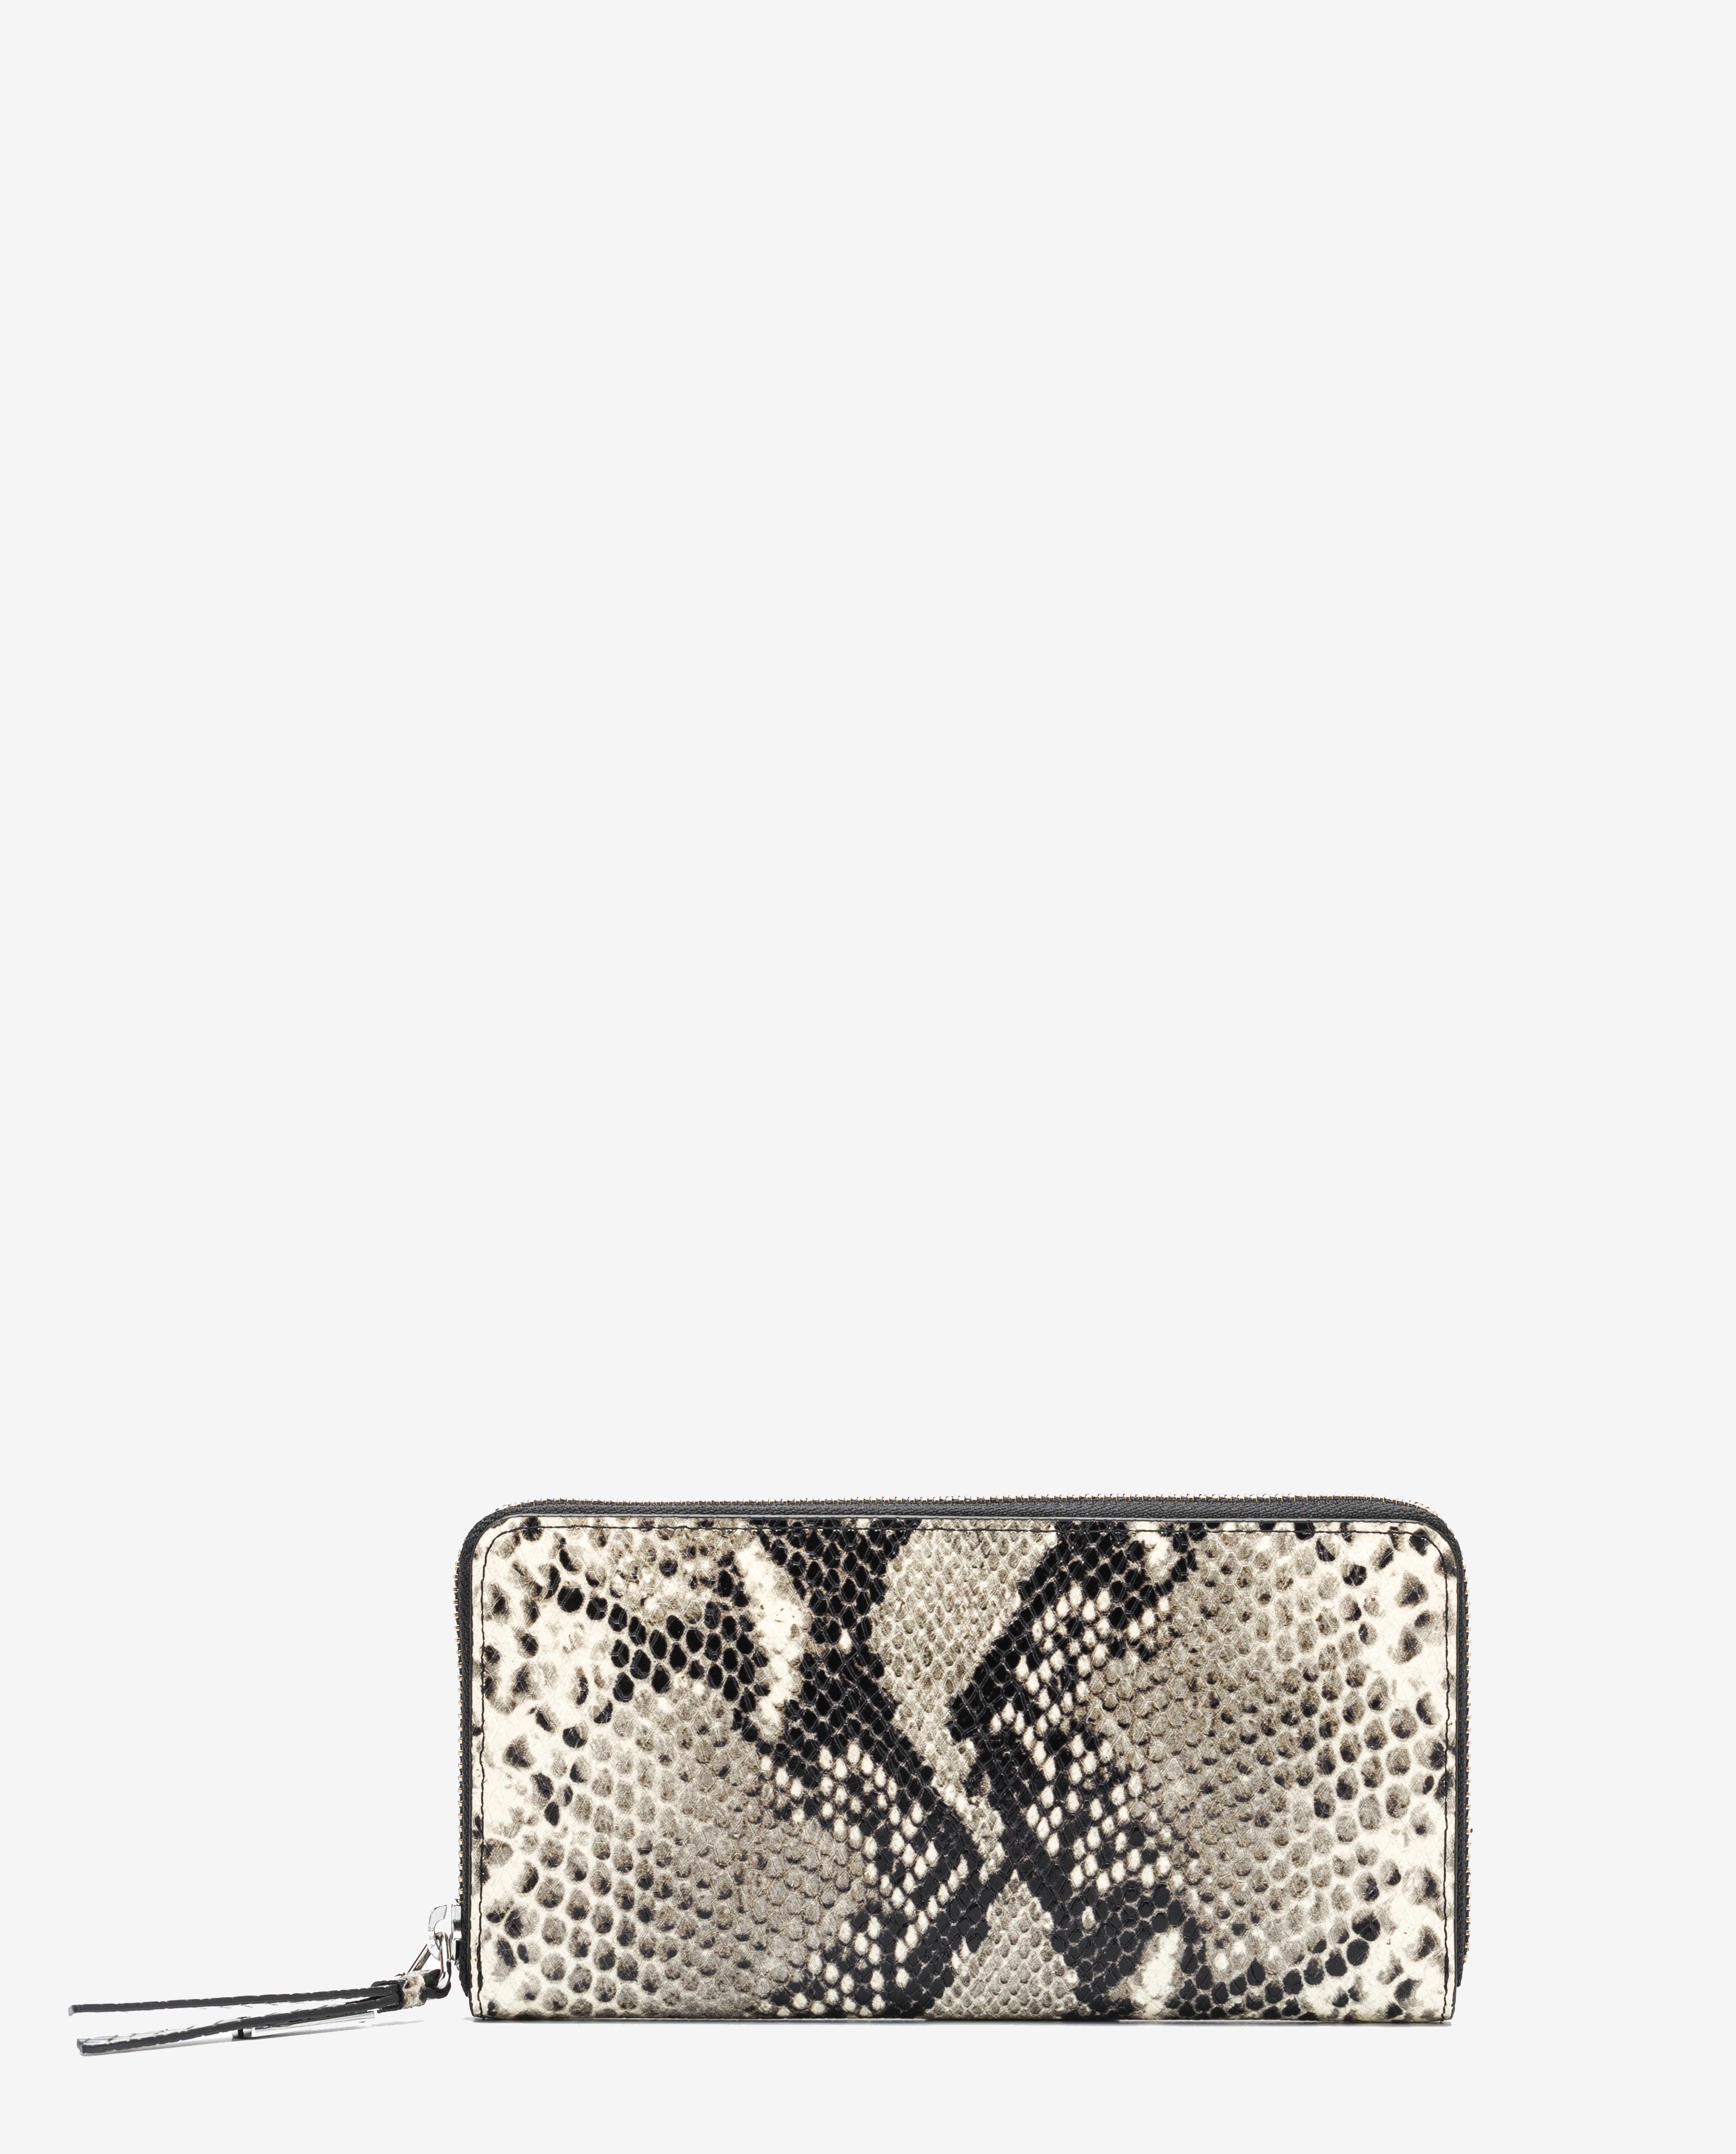 Unisa Purses and wallets ZABIBA_SN ivory